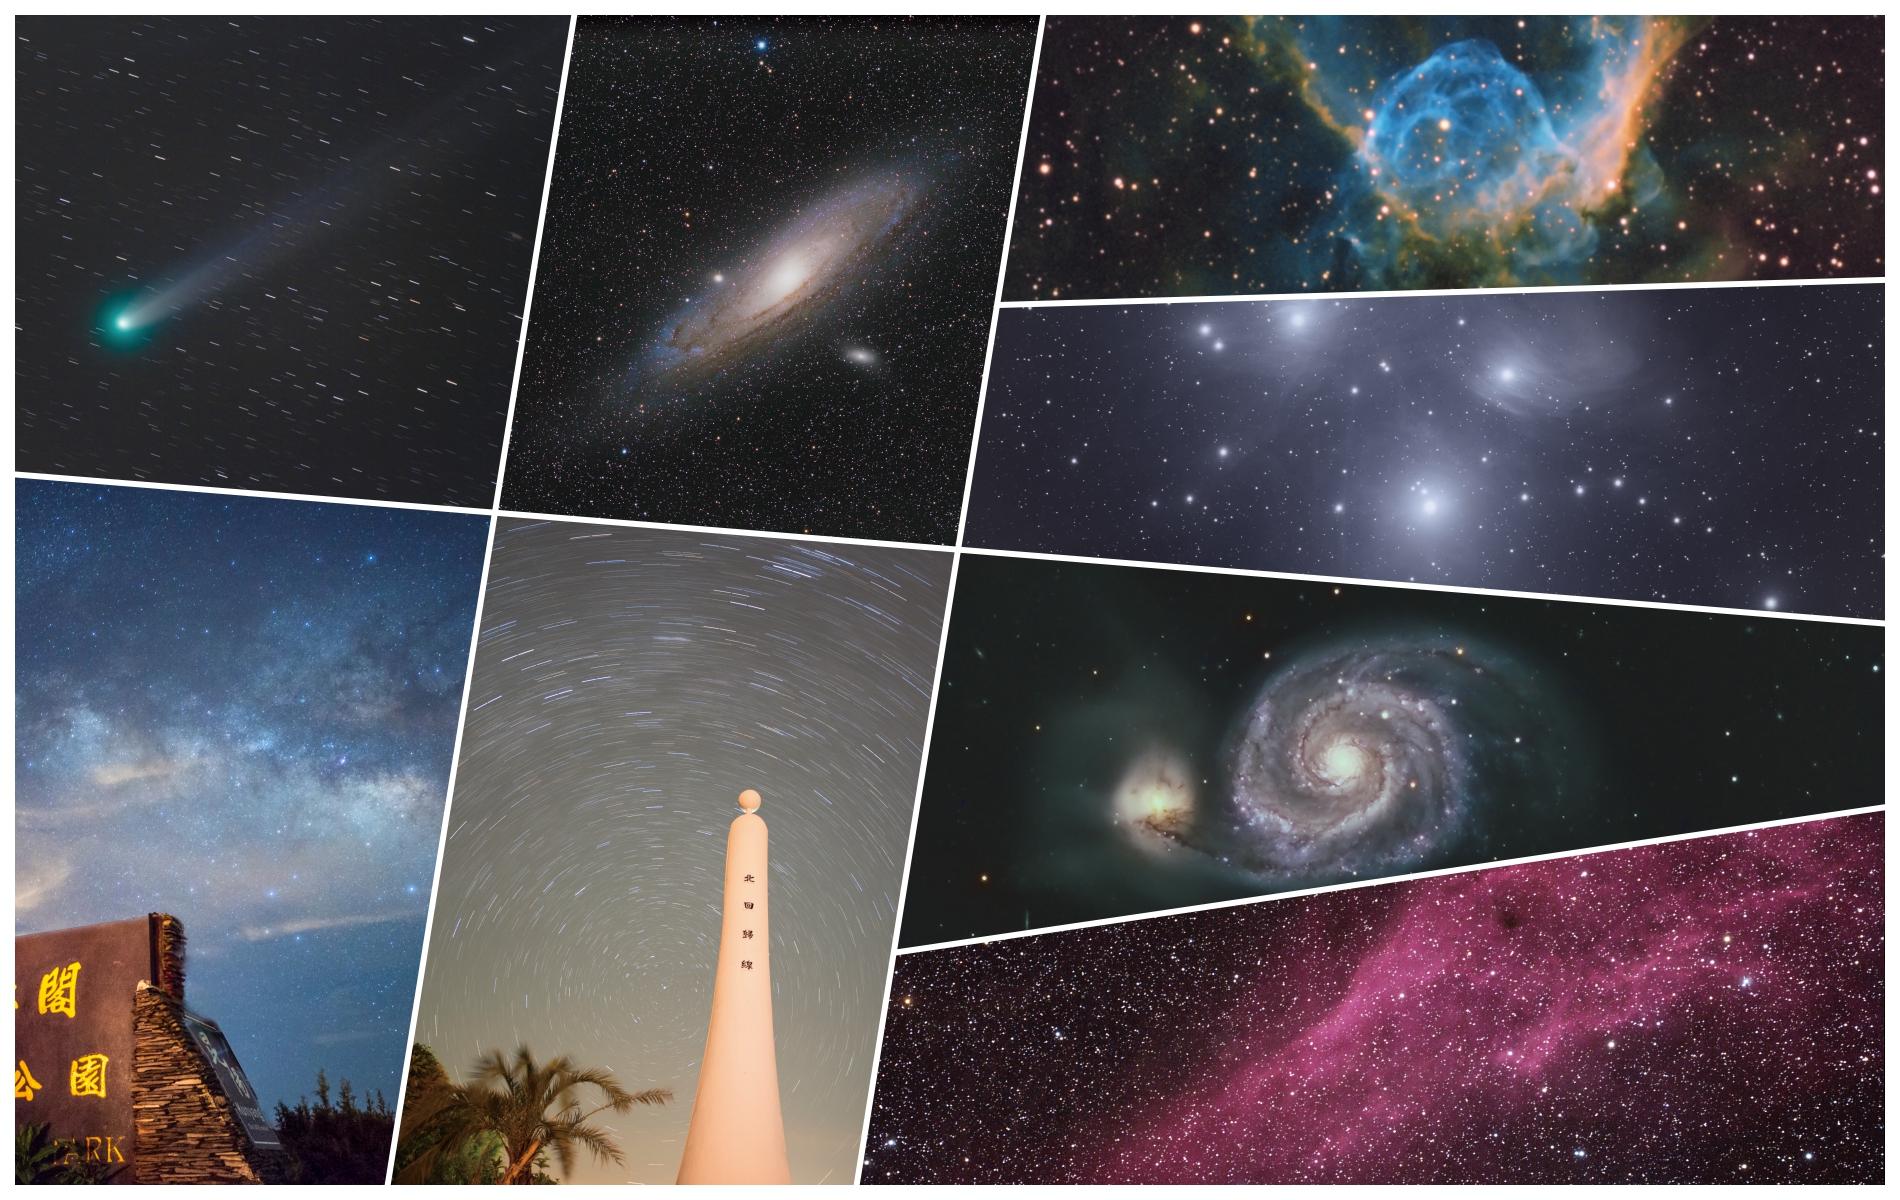 【台北】星空攝影入門講座系列課程 / 講師 傑克森